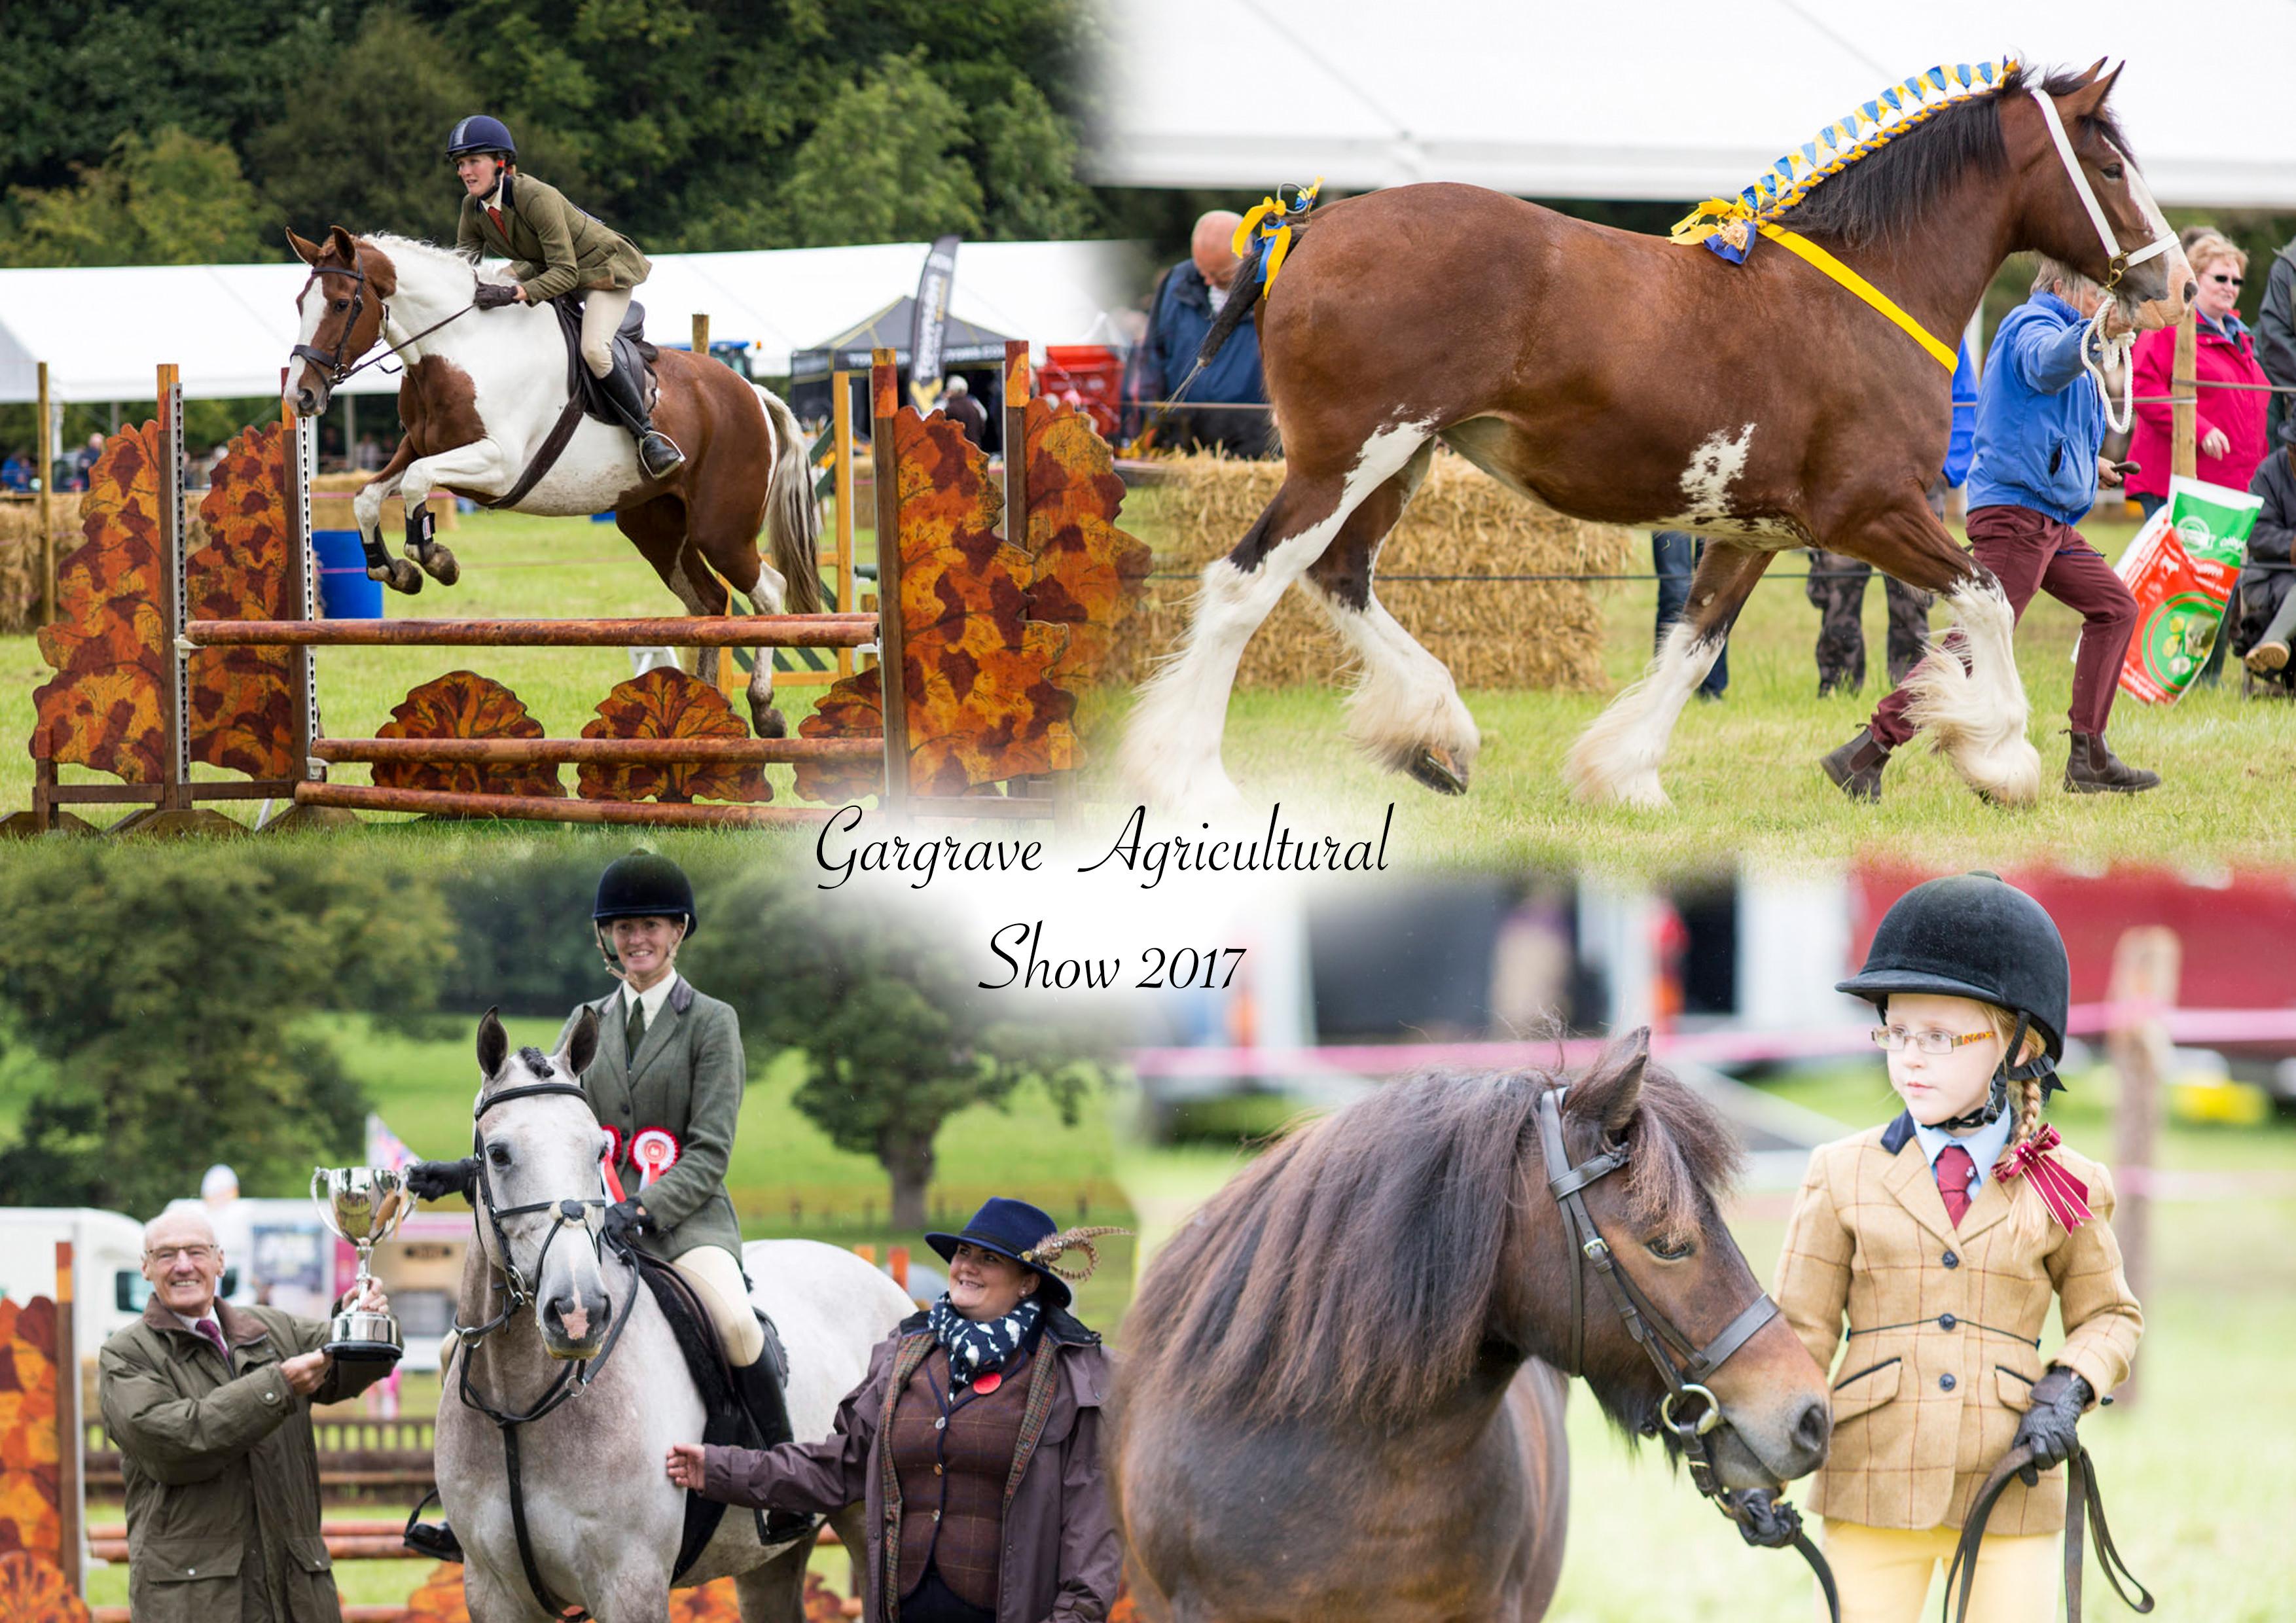 Gargrave Agricultural Show